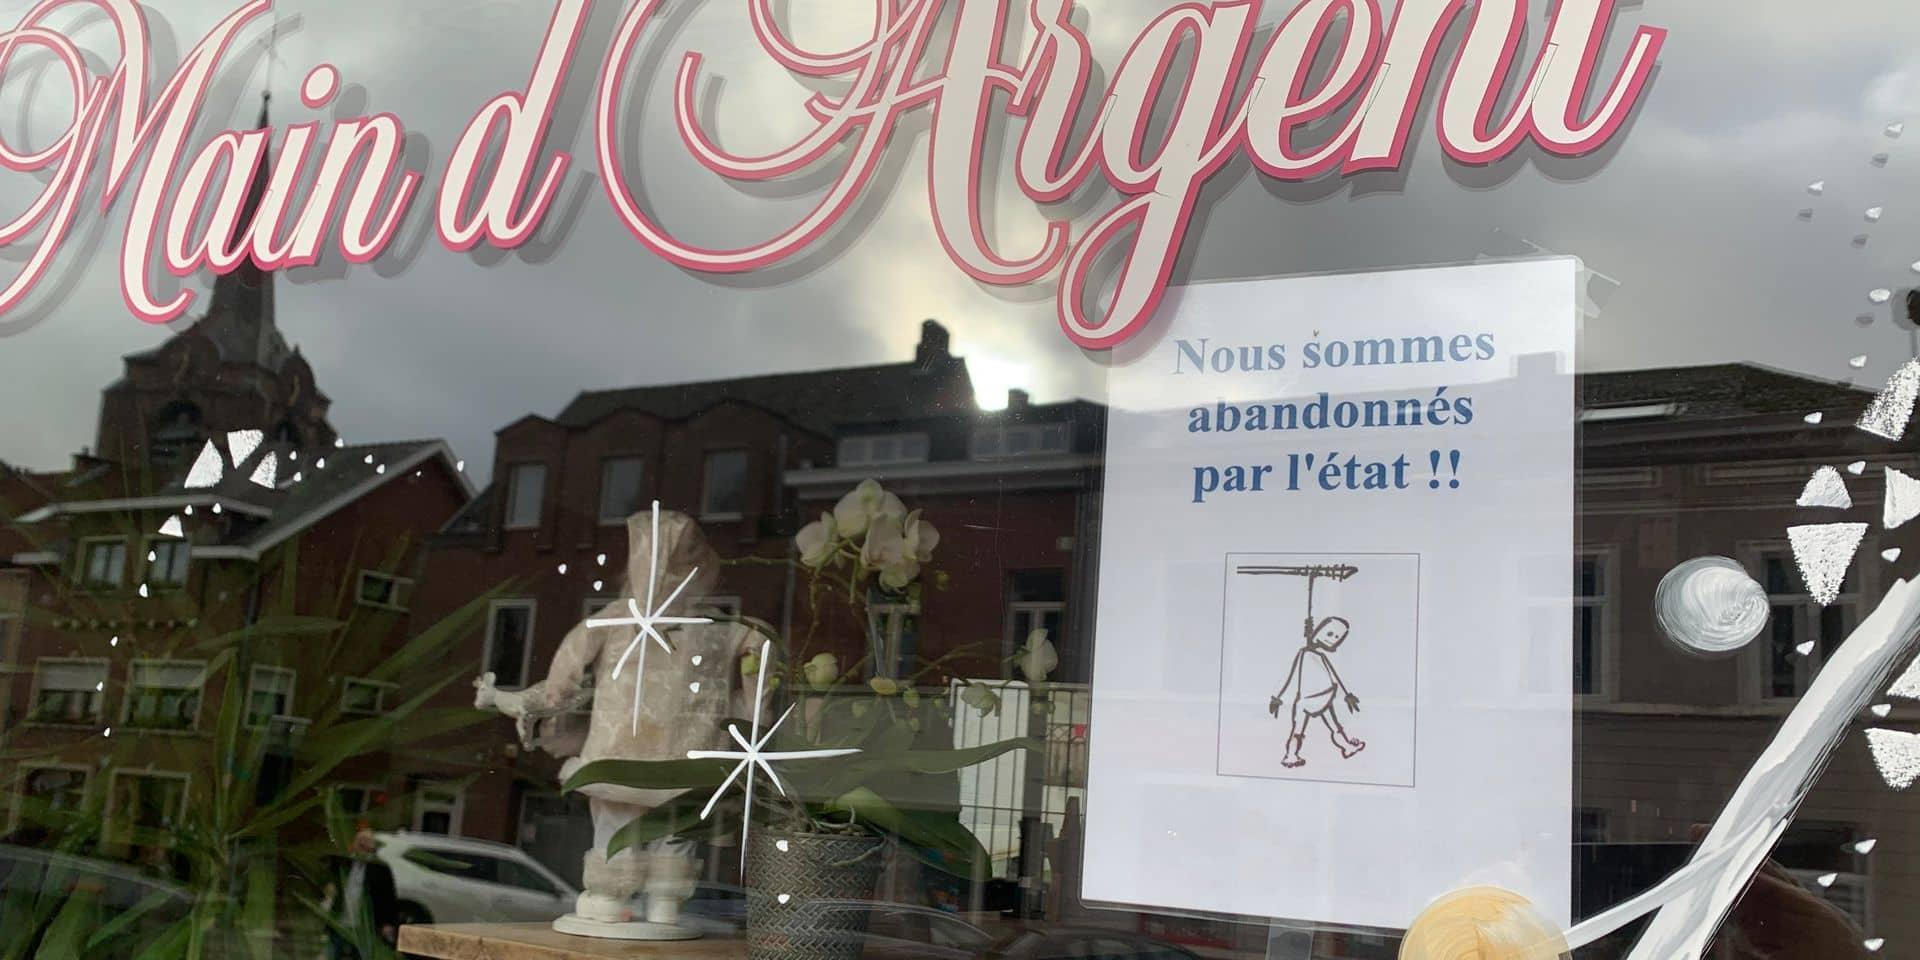 Sur certaines devantures de salons de coiffure ou de bars fermés apparaissent des dessins de bonshommes pendus ou d'autres signes de désespoir ou d'indignation.